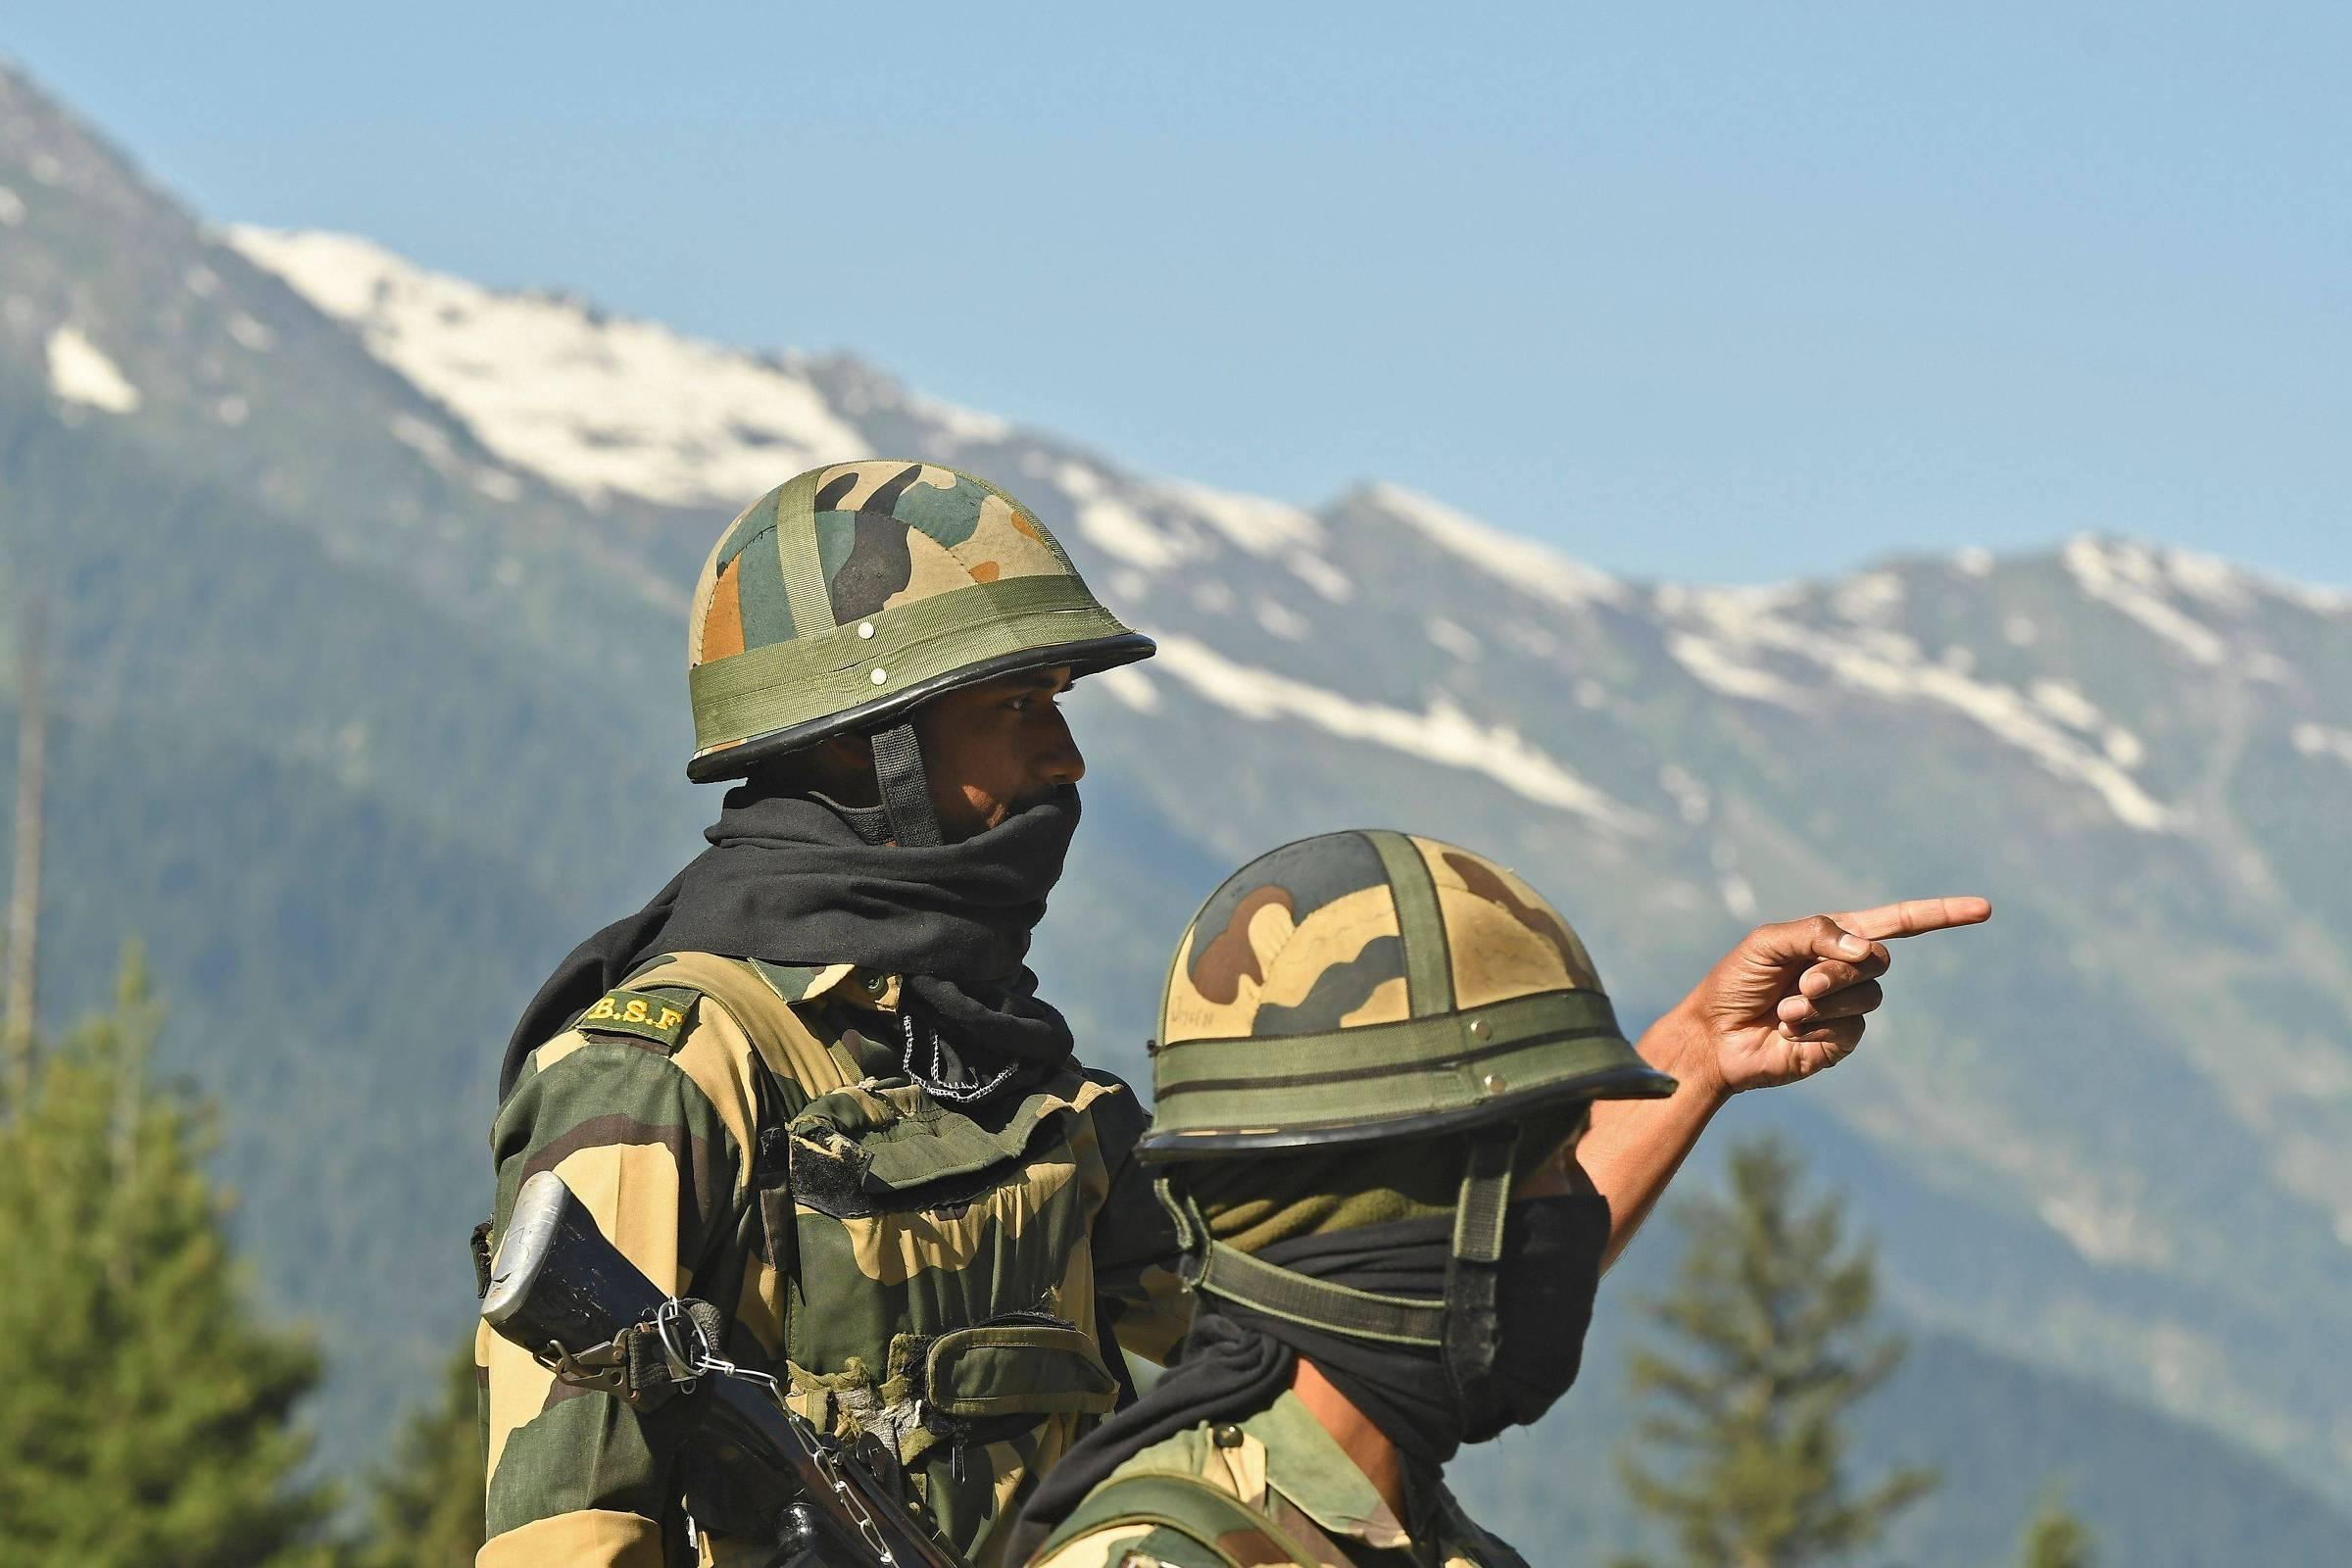 A Índia alerta forças e a China pede resolução de conflitos - 17.06.2020. - O mundo